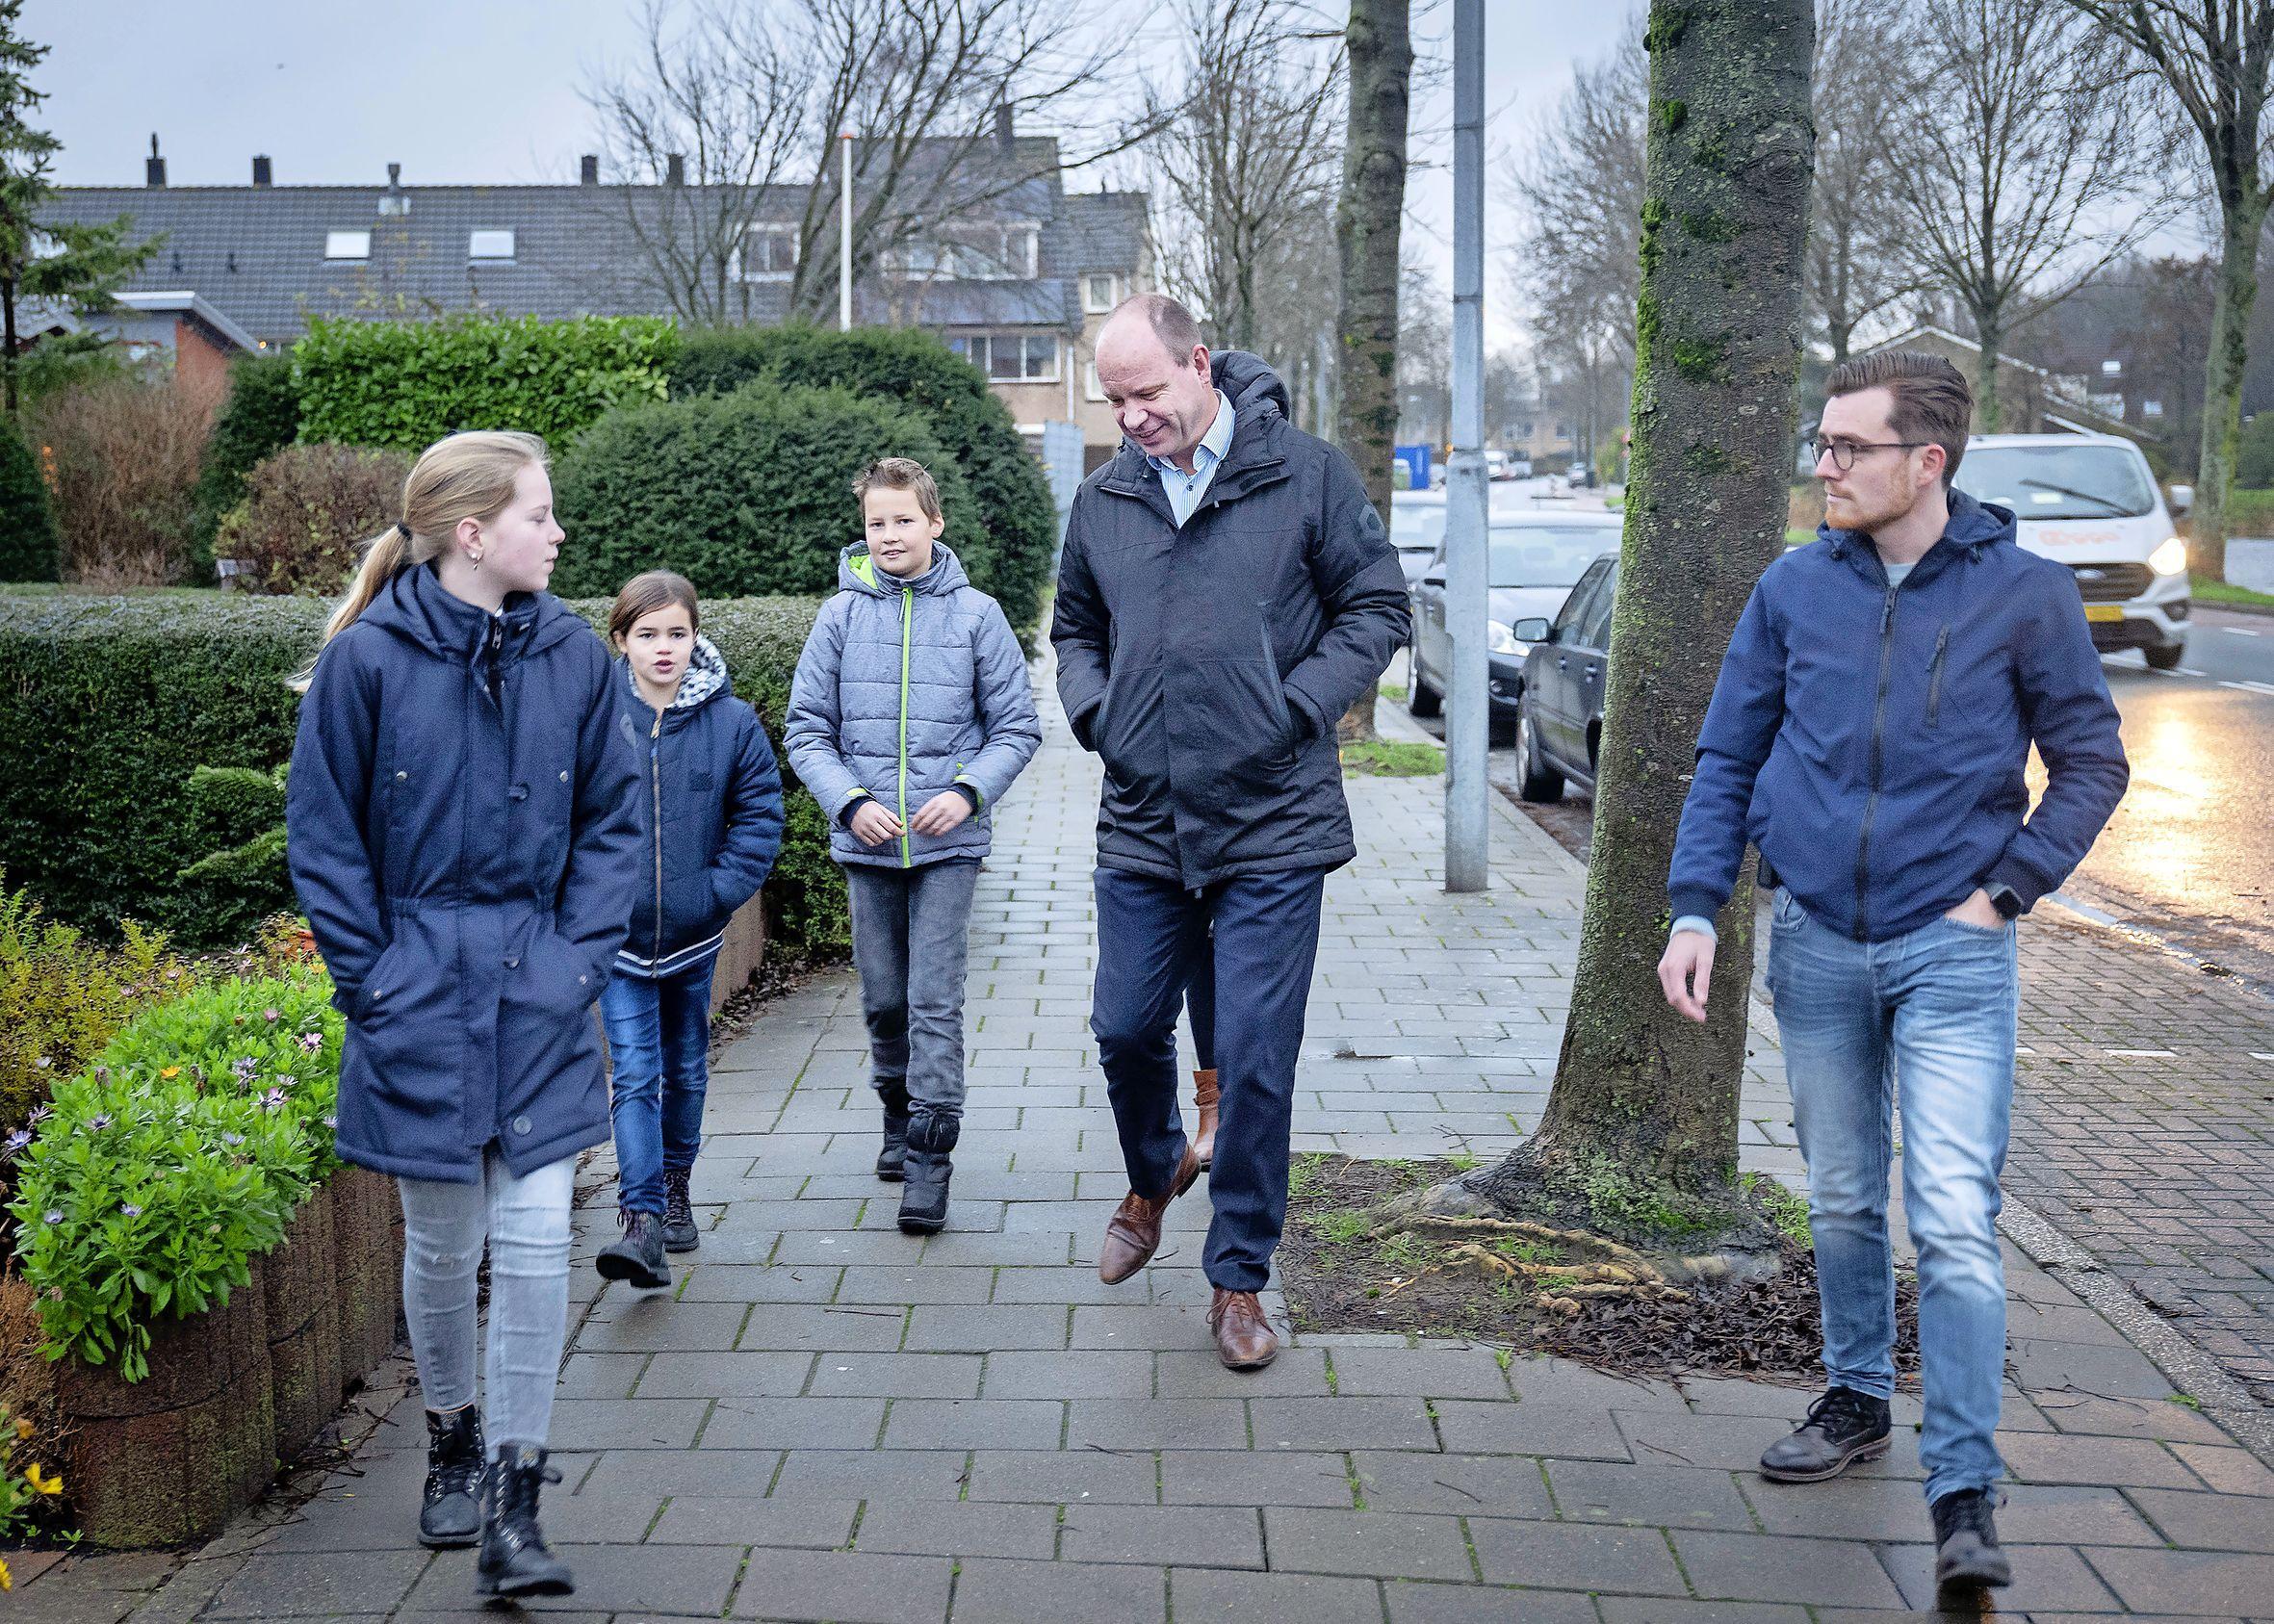 Veilig naar school op Het Anker in Velserbroek? Even geduld nog, aub